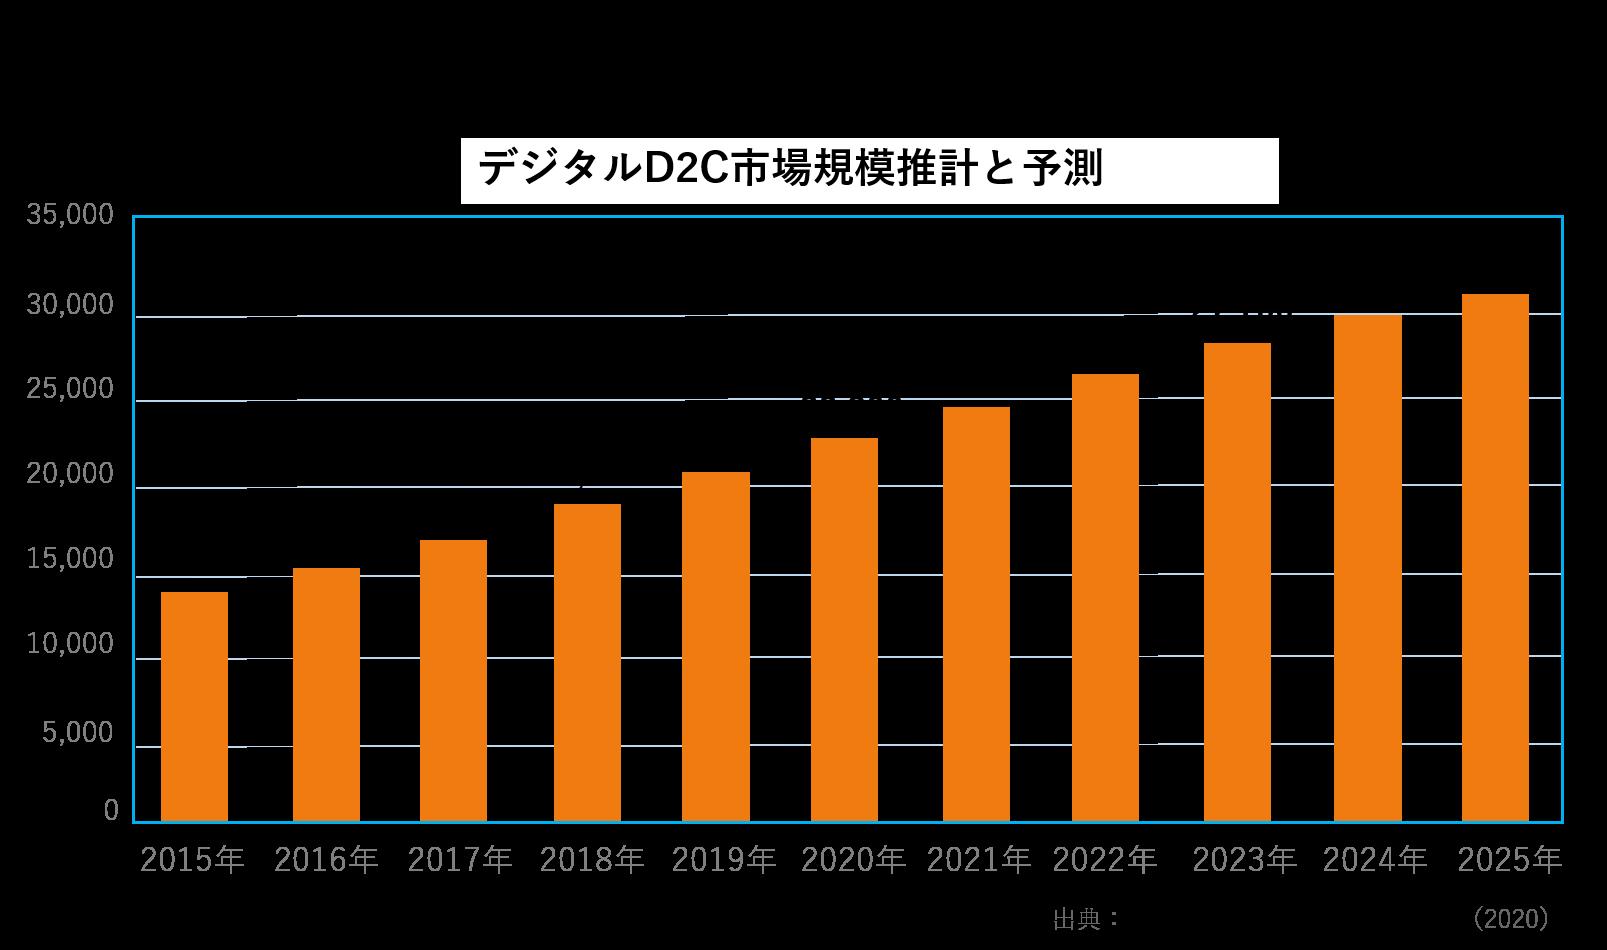 デジタルD2C市場規模推計と予測